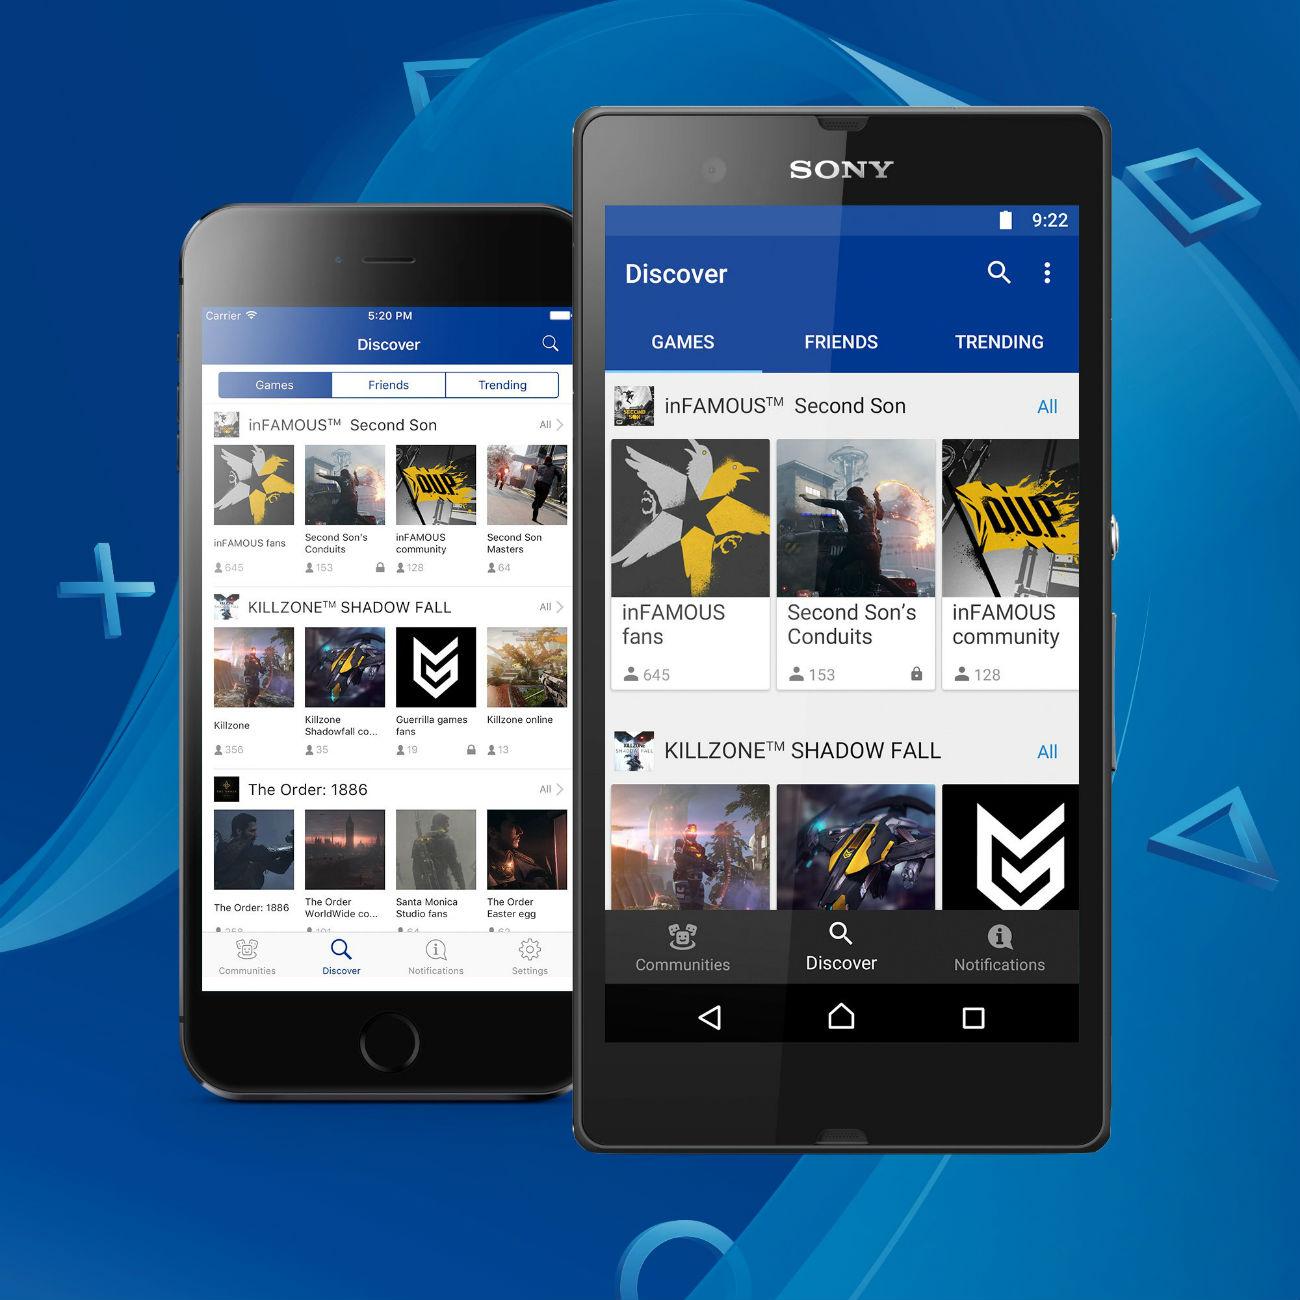 سوني  تطلق تطبيق  PlayStation Communities  لدعم التواصل بين اللاعبين   تكنو - صحيفة الوسط البحرينية - مملكة البحرين